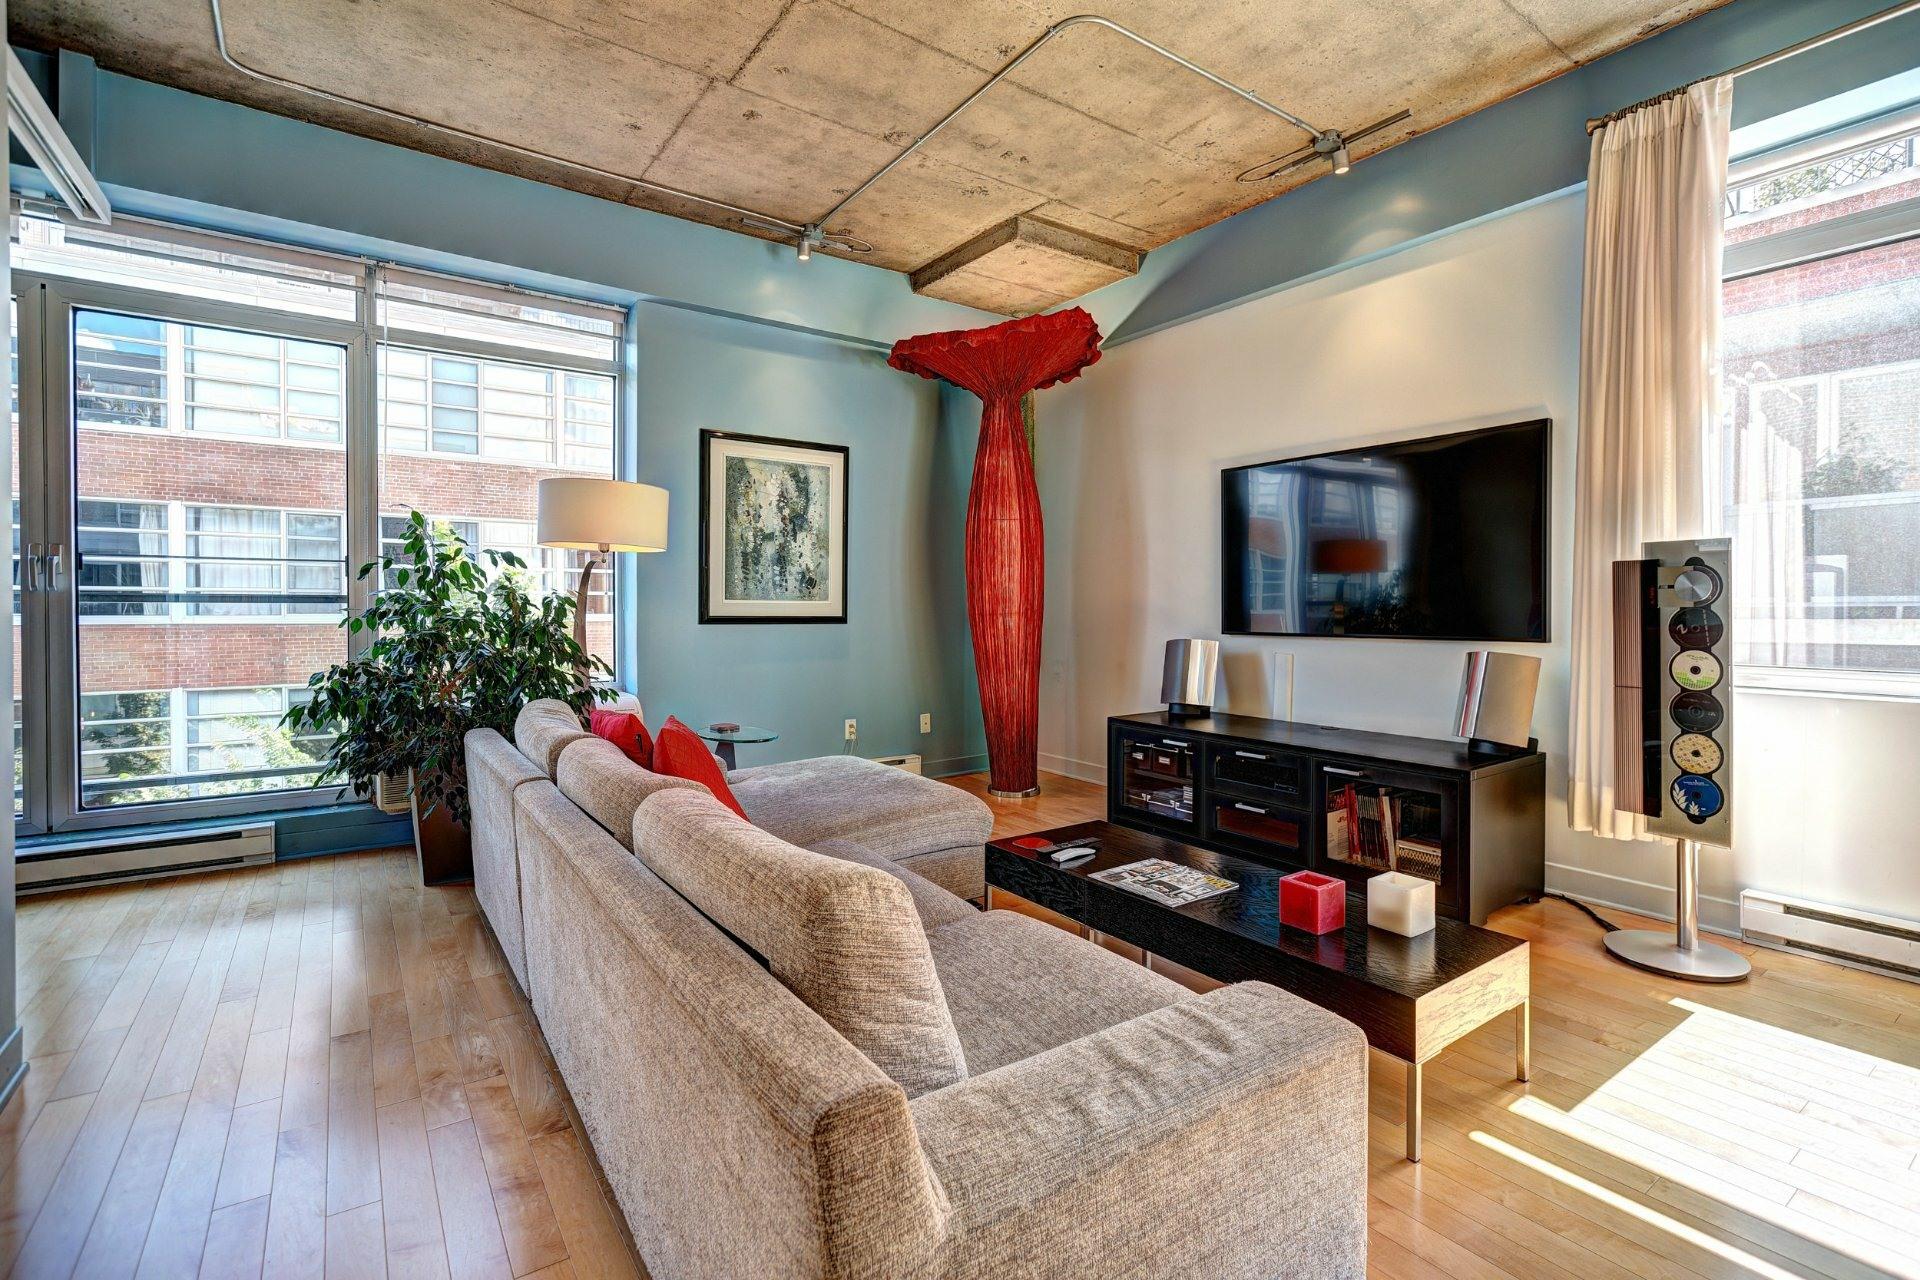 image 16 - Appartement À louer Villeray/Saint-Michel/Parc-Extension Montréal  - 8 pièces